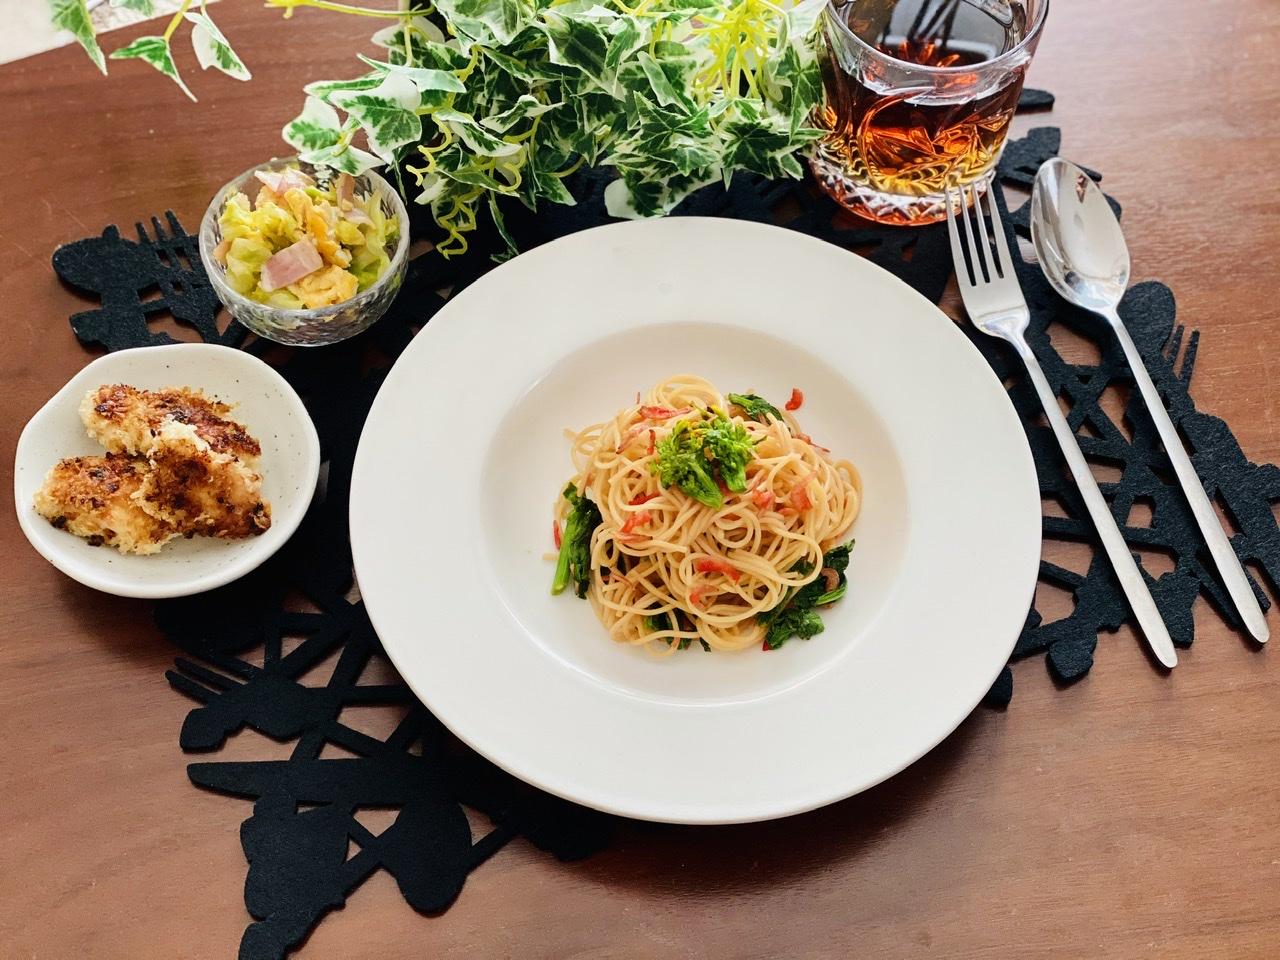 【今月のお家ごはん】アラサー女子の食卓!作り置きおかずでラク晩ご飯♡-Vol.14-_5